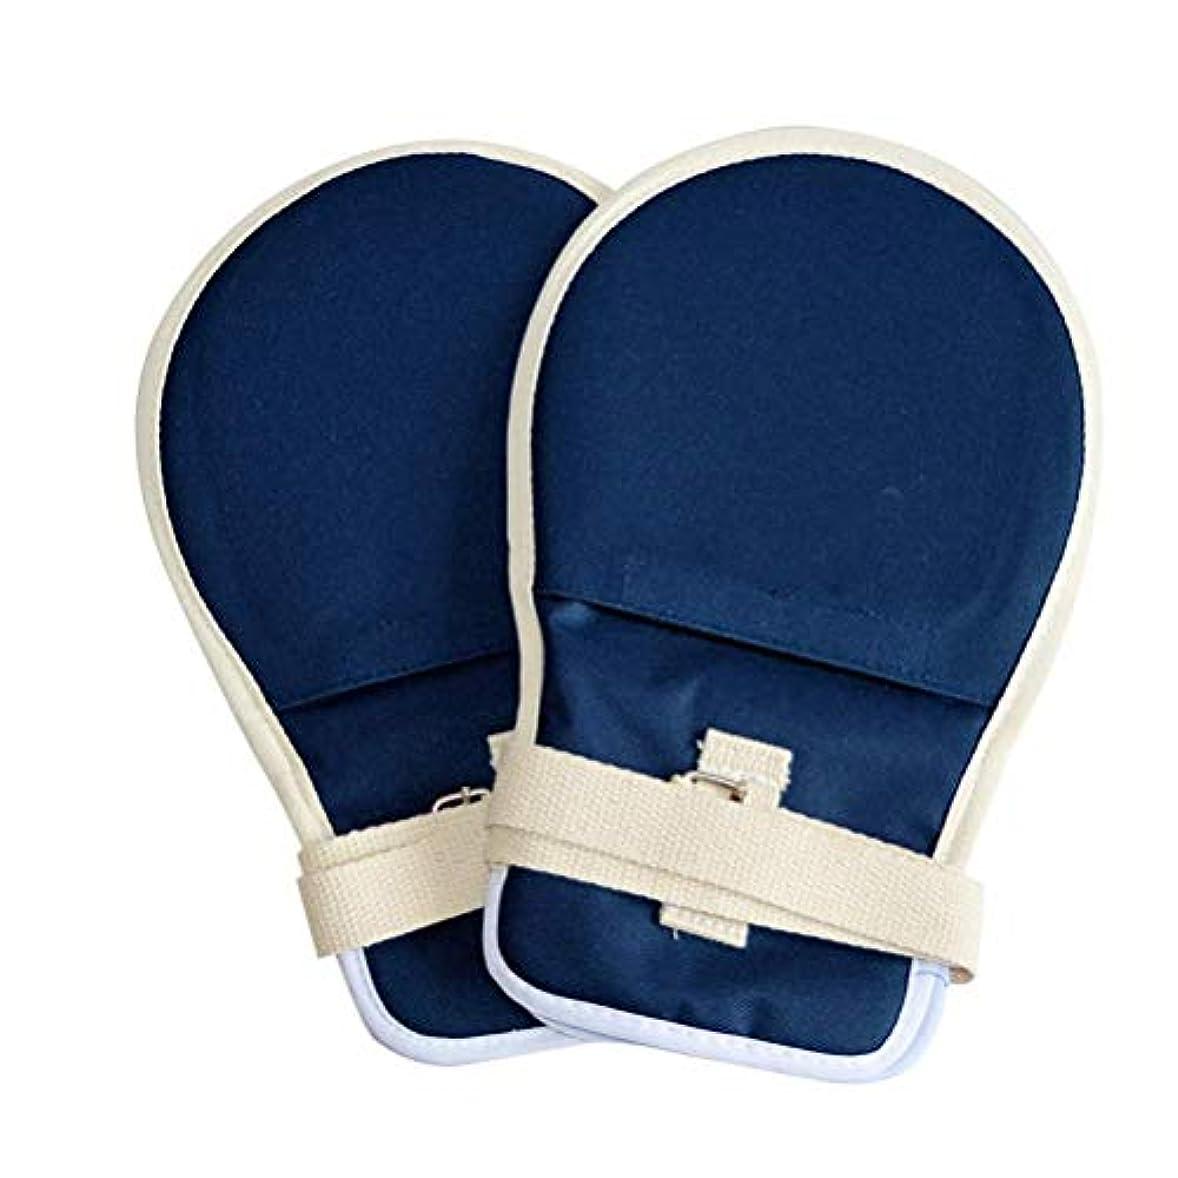 世紀変動する請願者フィンガーコントロールミット-ハンドプロテクター安全装置、医療拘束患者の手感染安全手袋、指の予防固定手袋高齢患者 (2PCS)